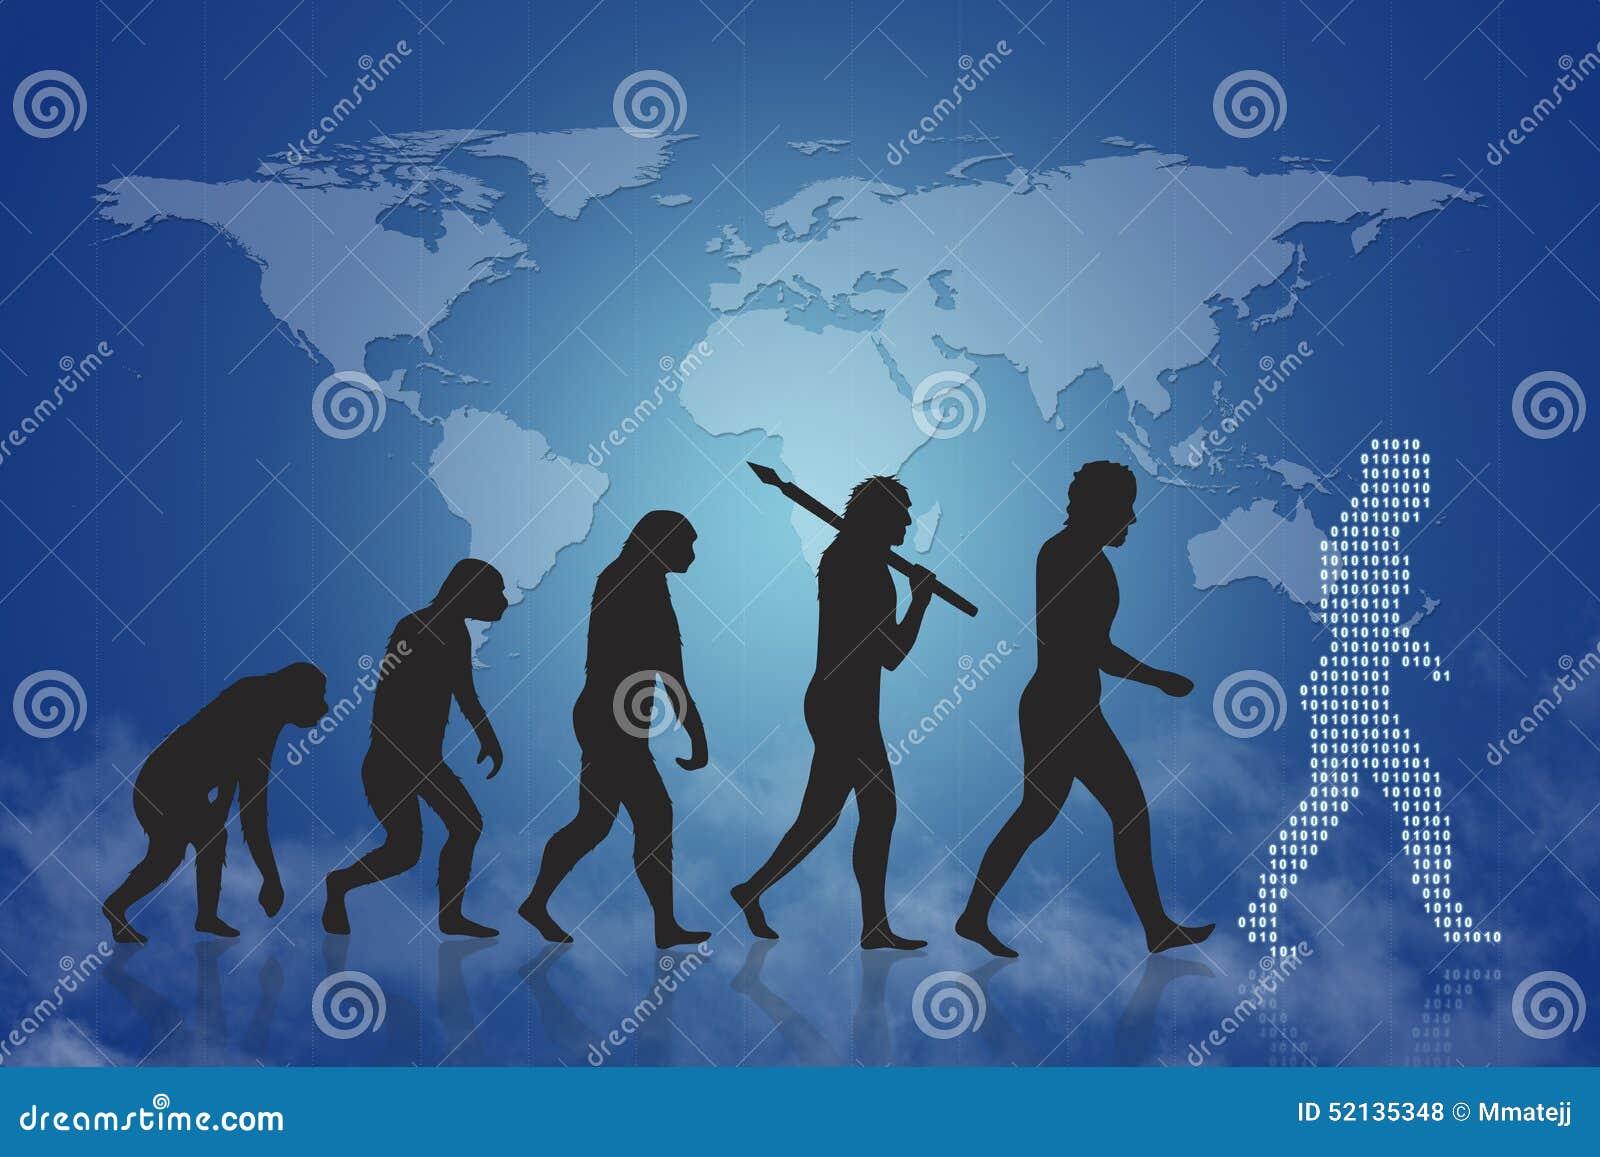 人类演变/成长&进展